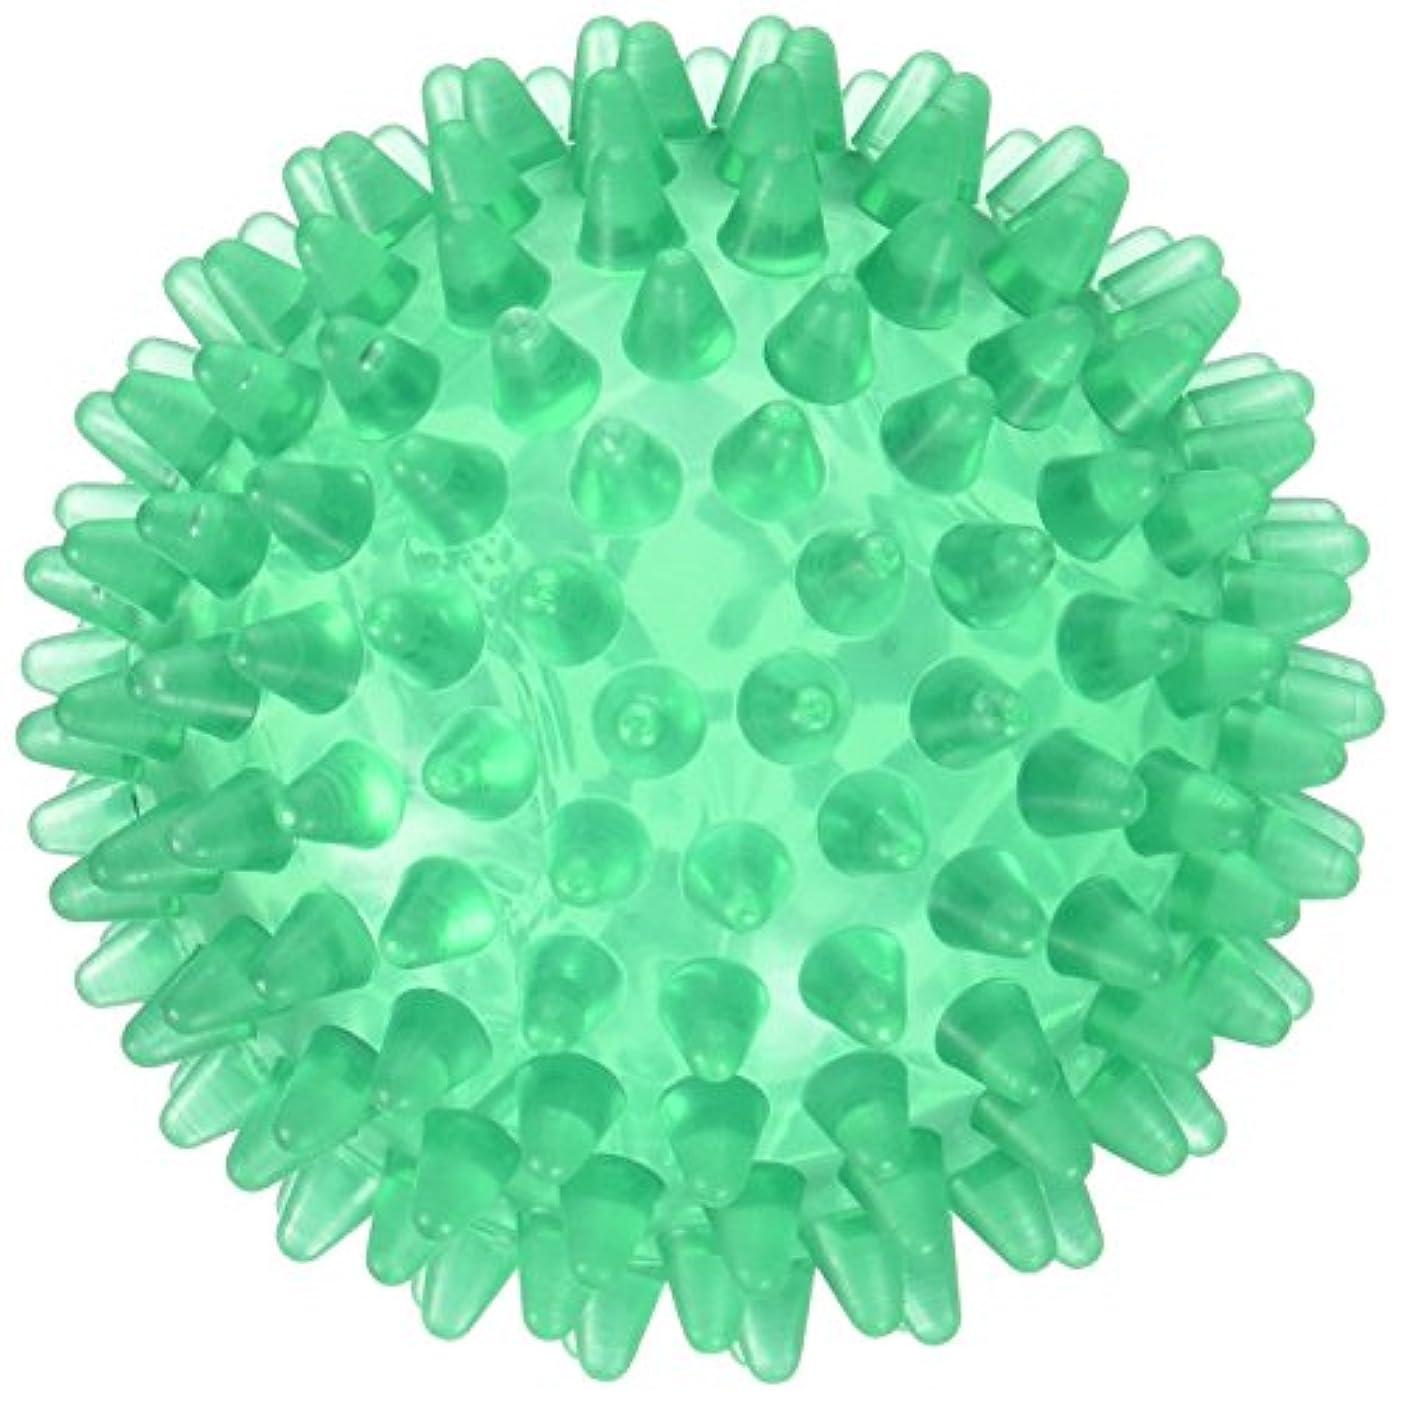 性別プロフィール散歩に行くダンノ(DANNO) リハビリ マッサージ用 触覚ボール リフレクションボール